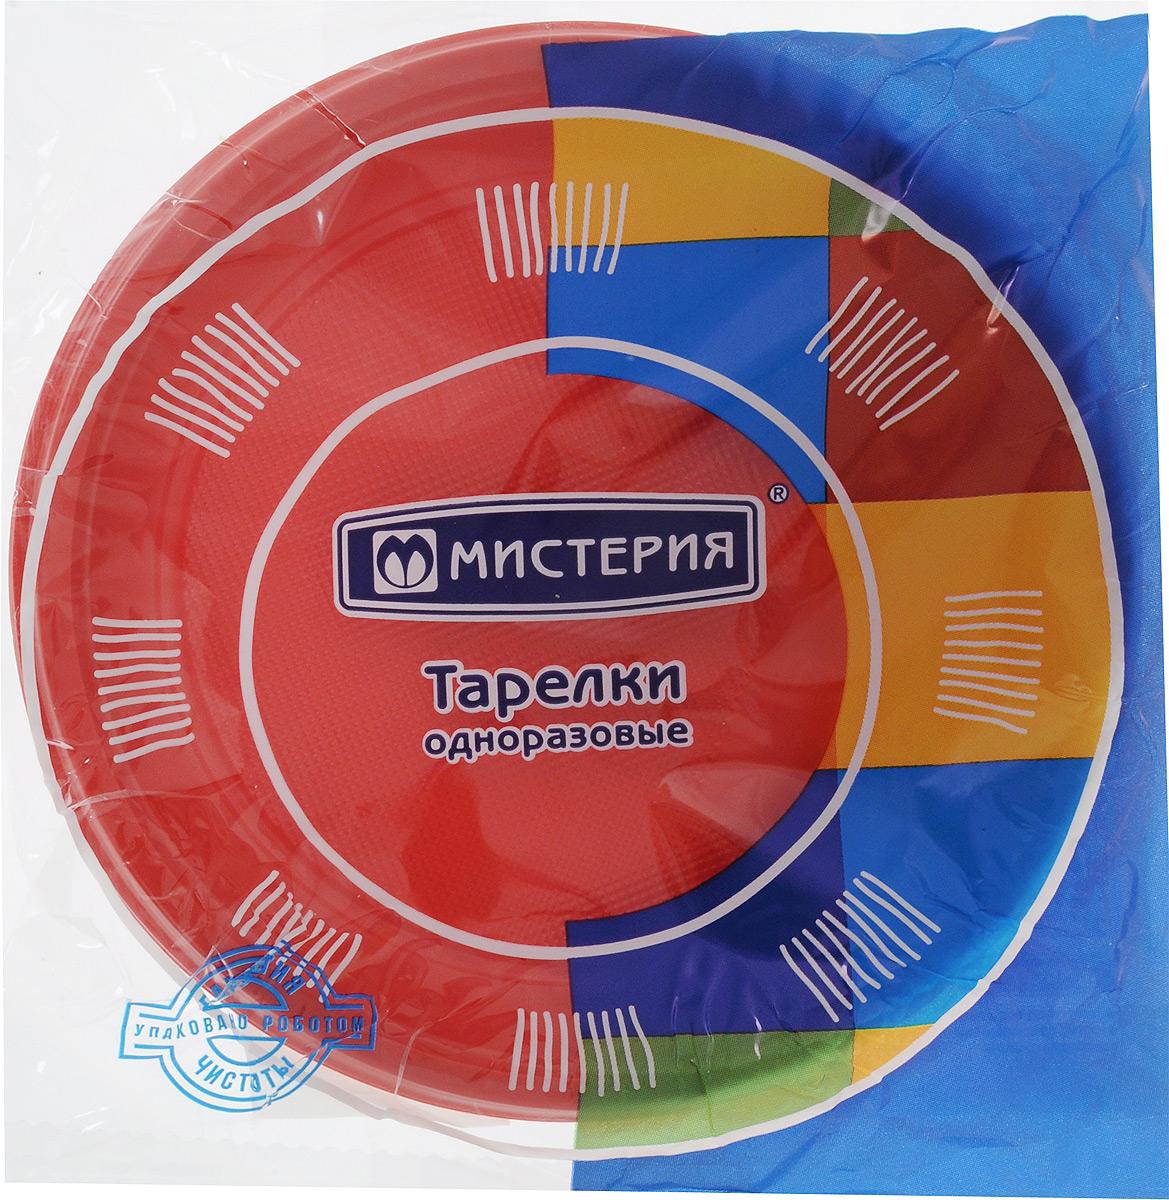 Набор одноразовых десертных тарелок Мистерия, цвет: красный, диаметр 17 см, 12 шт183600Набор Мистерия состоит из 12 круглых десертных тарелок, выполненных из полистирола и предназначенных для одноразового использования. Подходят для холодных и горячих пищевых продуктов.Одноразовые тарелки будут незаменимы при поездках на природу, пикниках и других мероприятиях. Они не займут много места, легки и самое главное - после использования их не надо мыть.Диаметр тарелки: 17 см.Высота тарелки: 1,5 см.